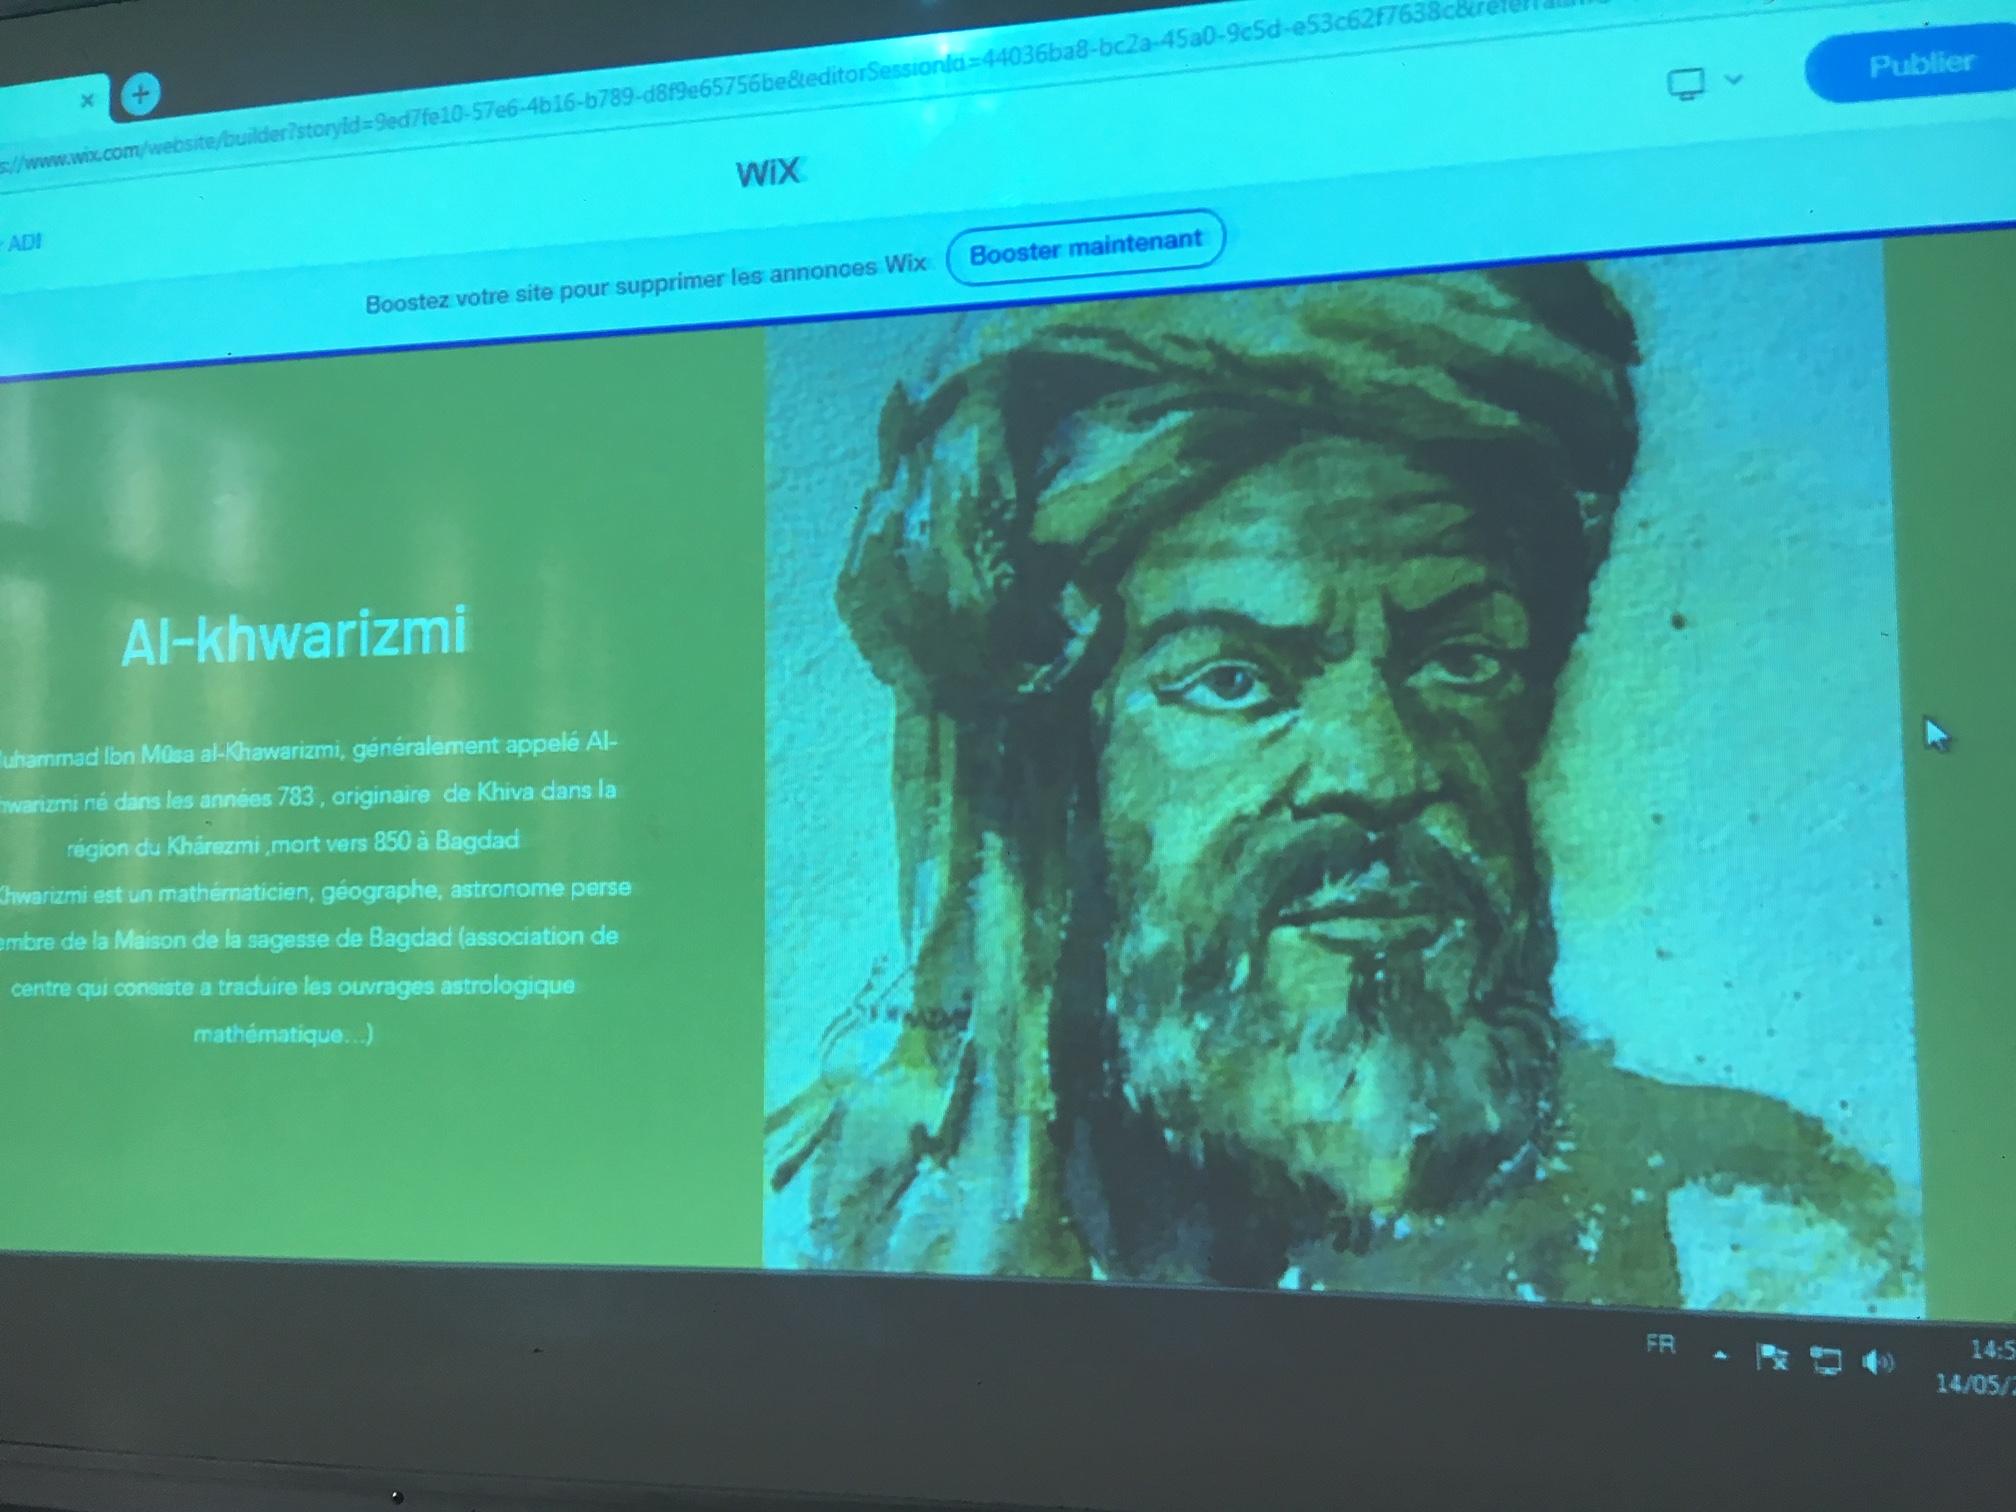 Les 1ere S présentent leurs exposés sur les sciences arabes